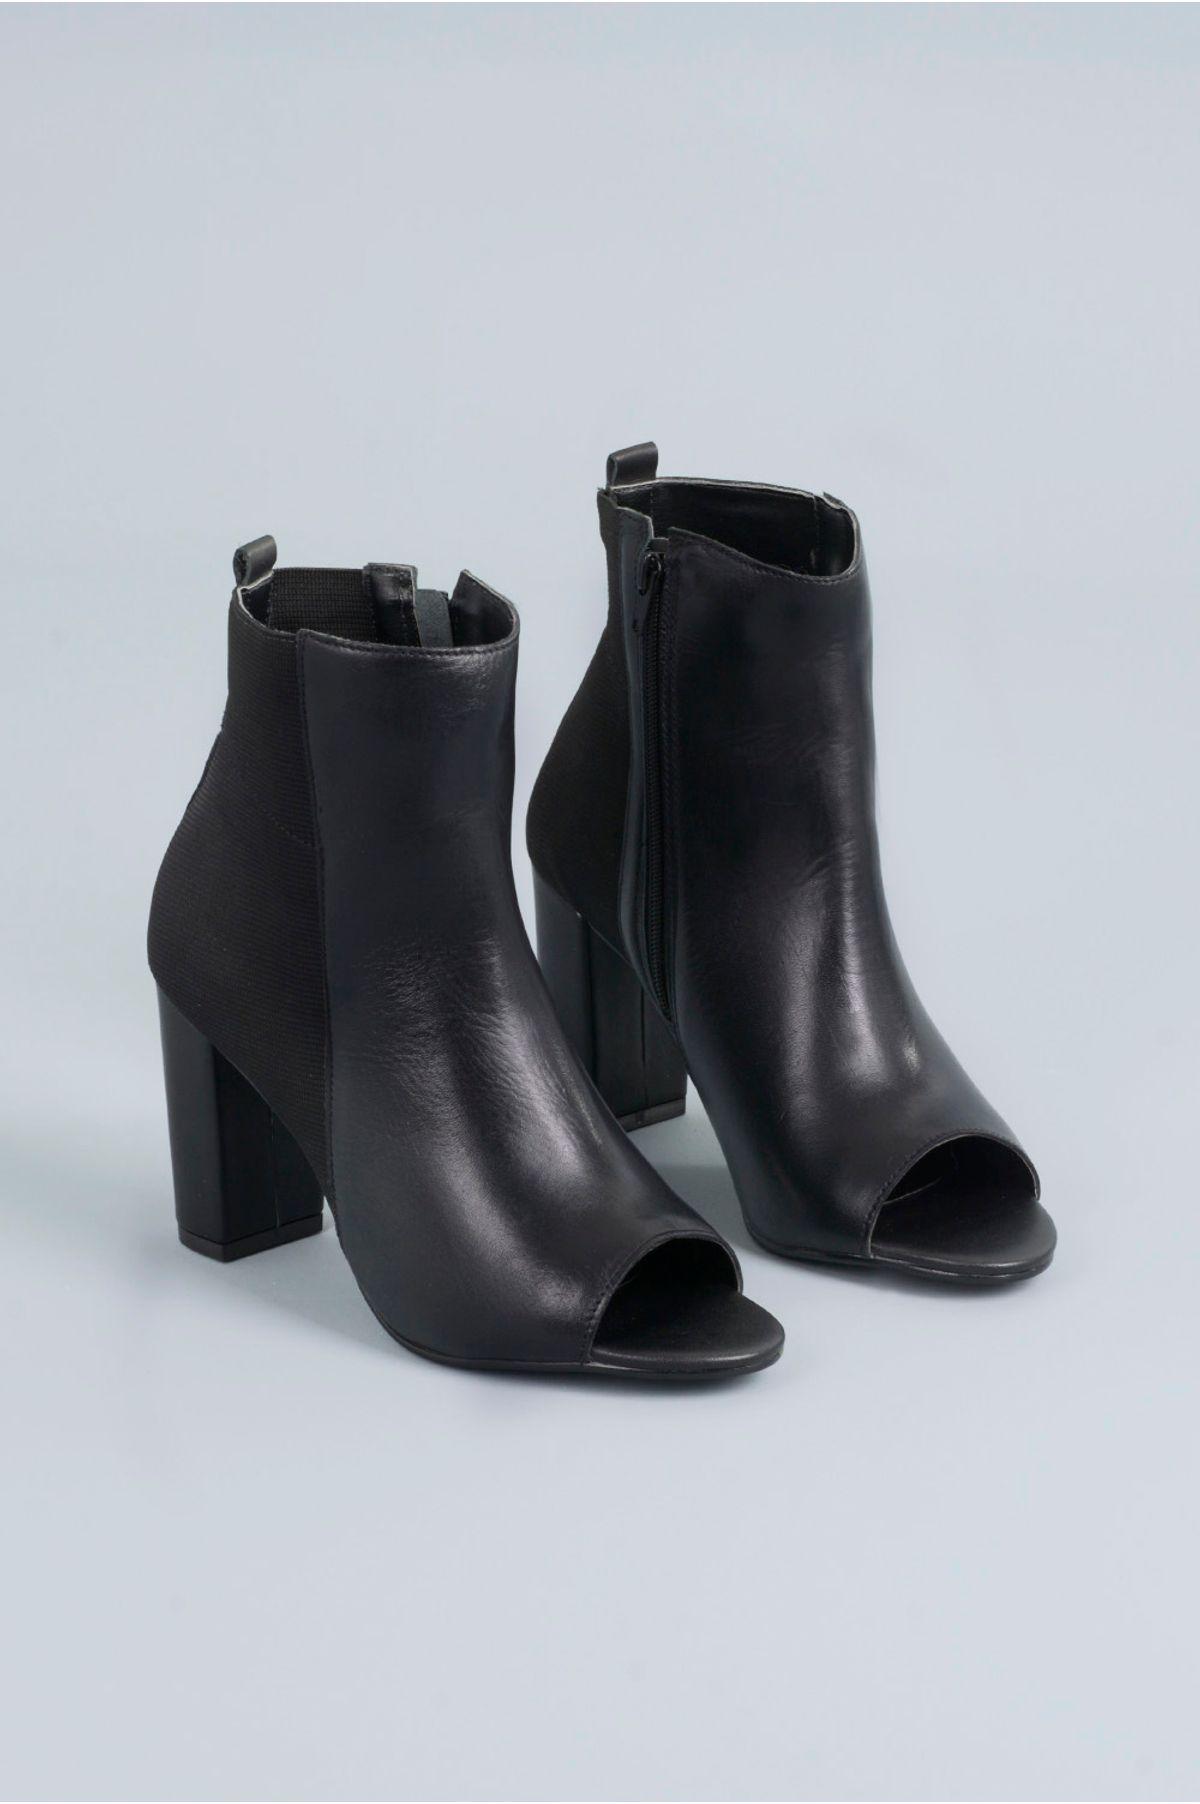 e8426c778ee3e Open Boot Salto Alto Kayden Mundial CR-PRETO - Mundial Calçados